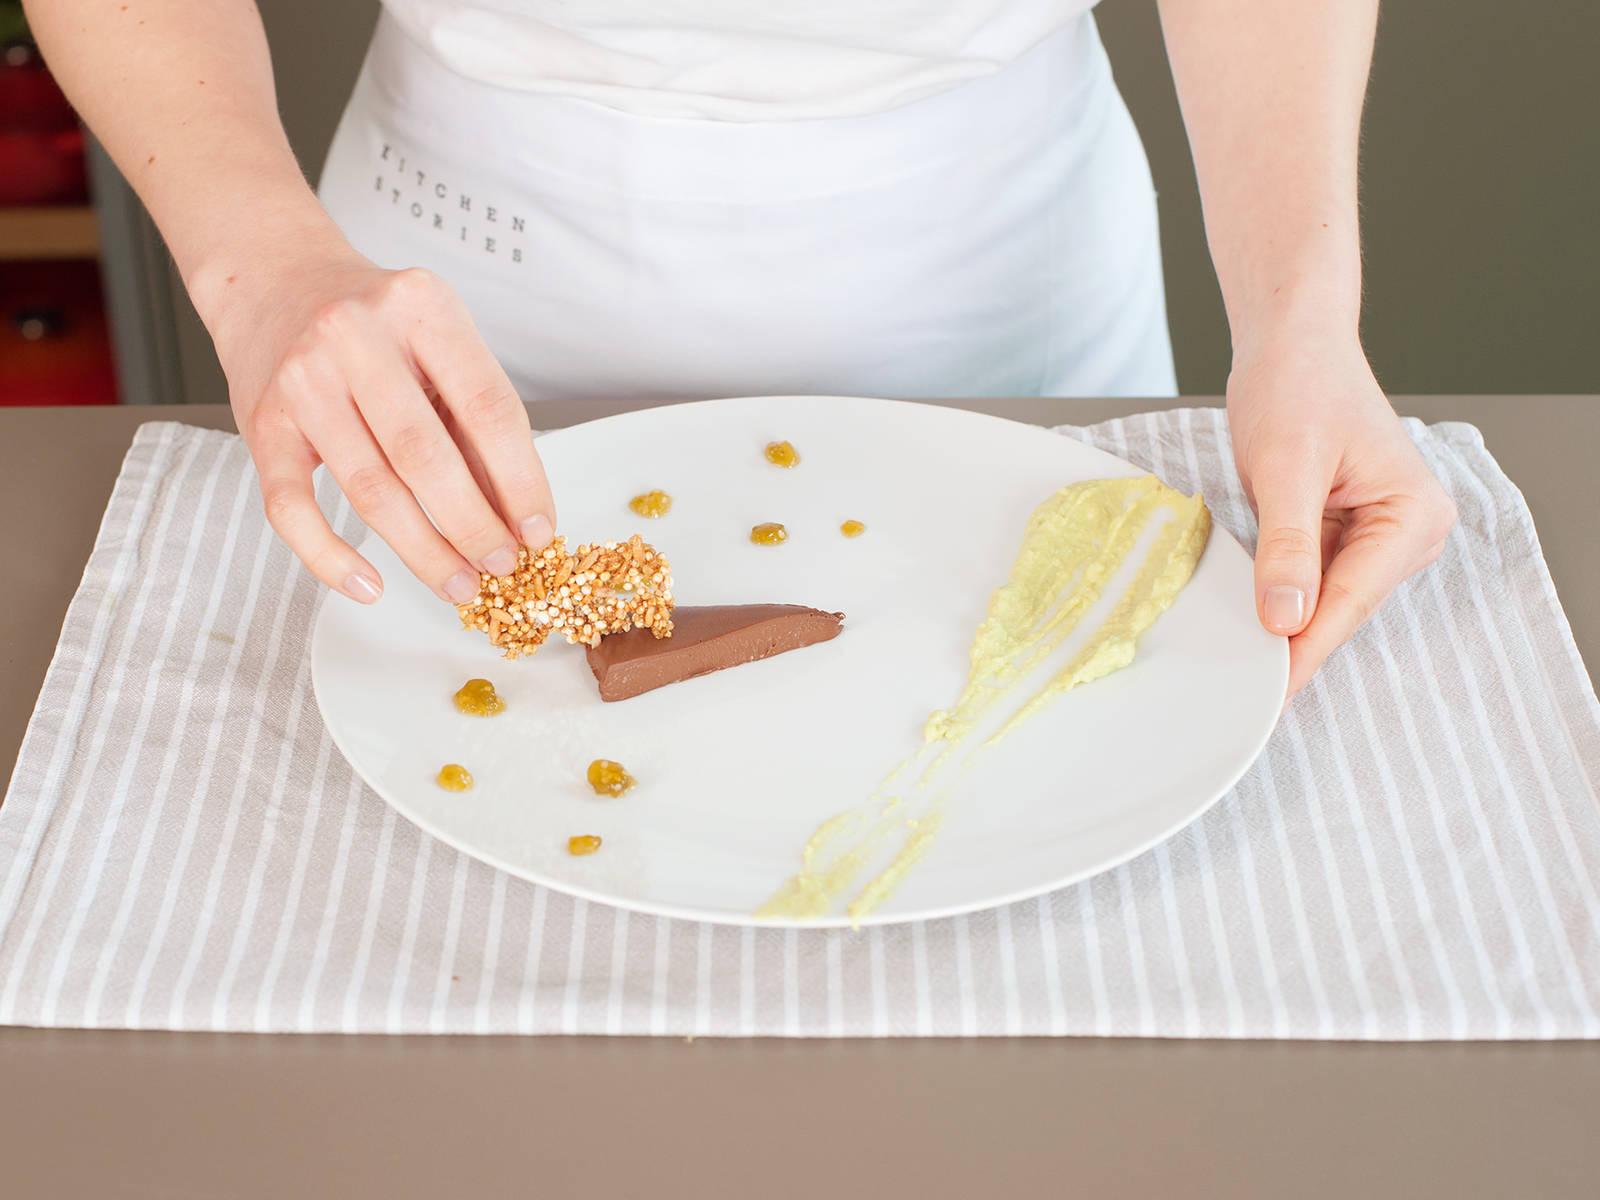 Ganache aus dem Kühlschrank nehmen. Teller mit Tomatillokompott, Avocado-Creme und Einkorn-Quinoa-Gebäck garnieren. Guten Appetit!